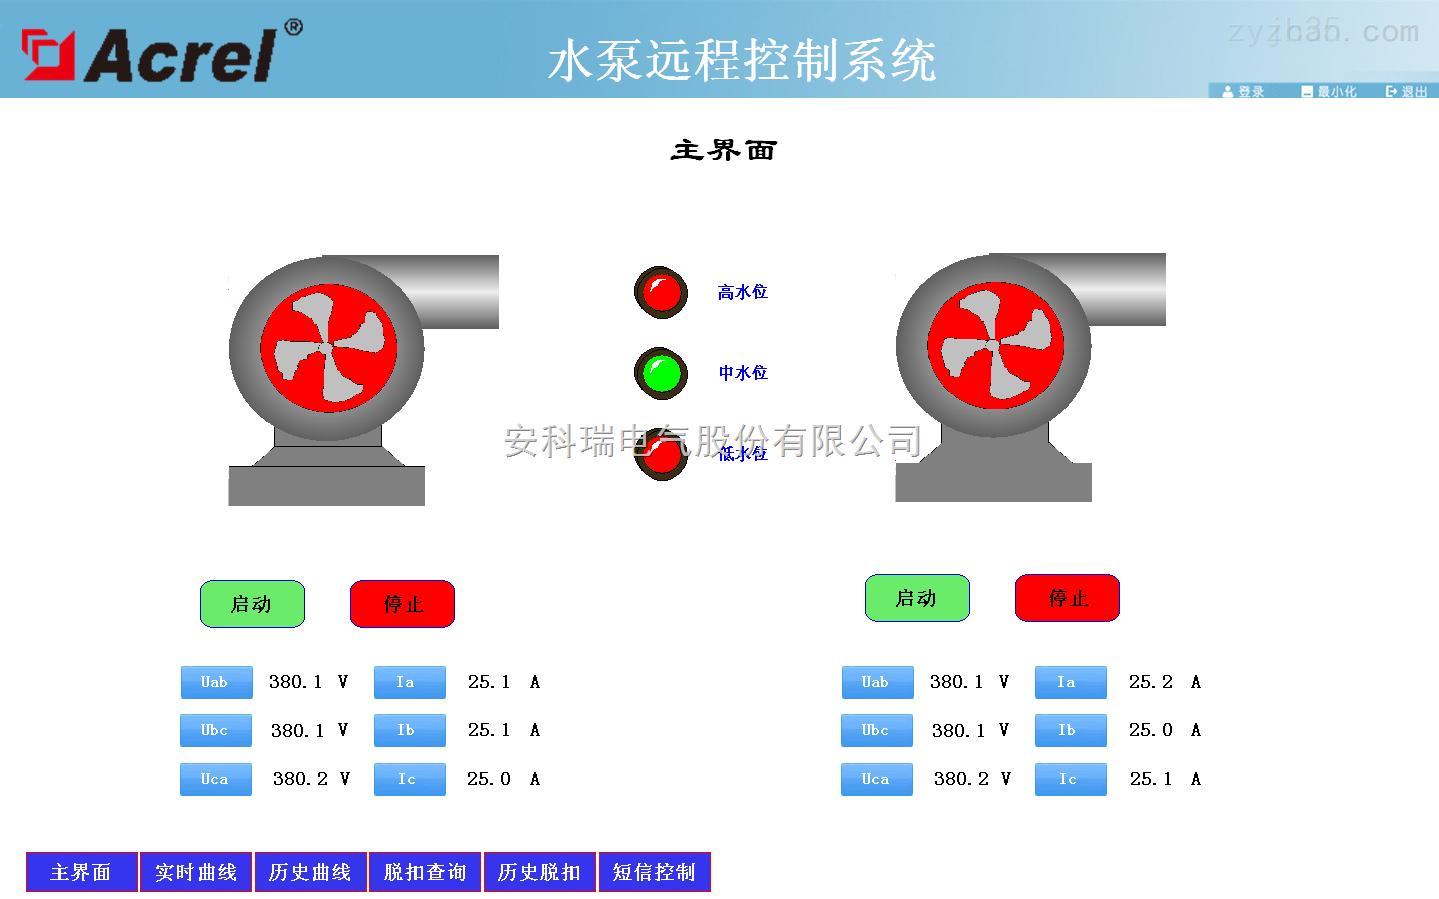 安科瑞水泵远程控制系统解决方案